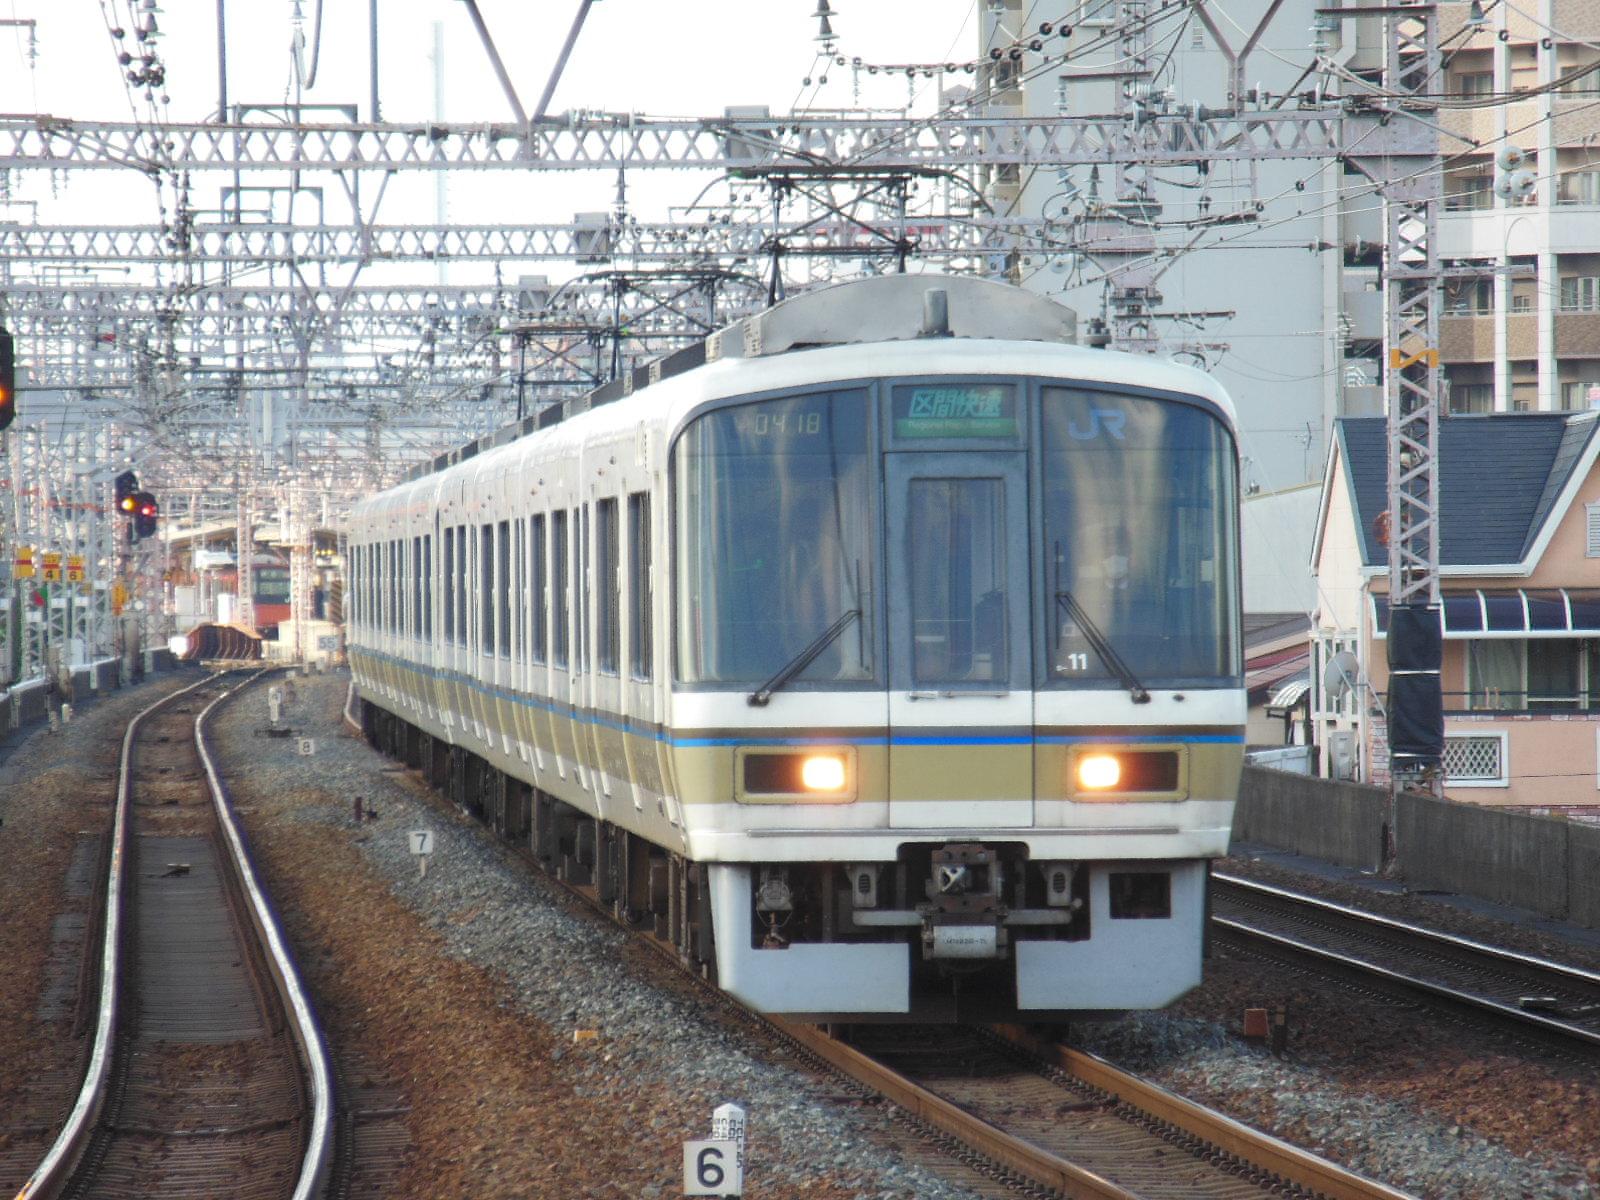 DSCN5975.jpg